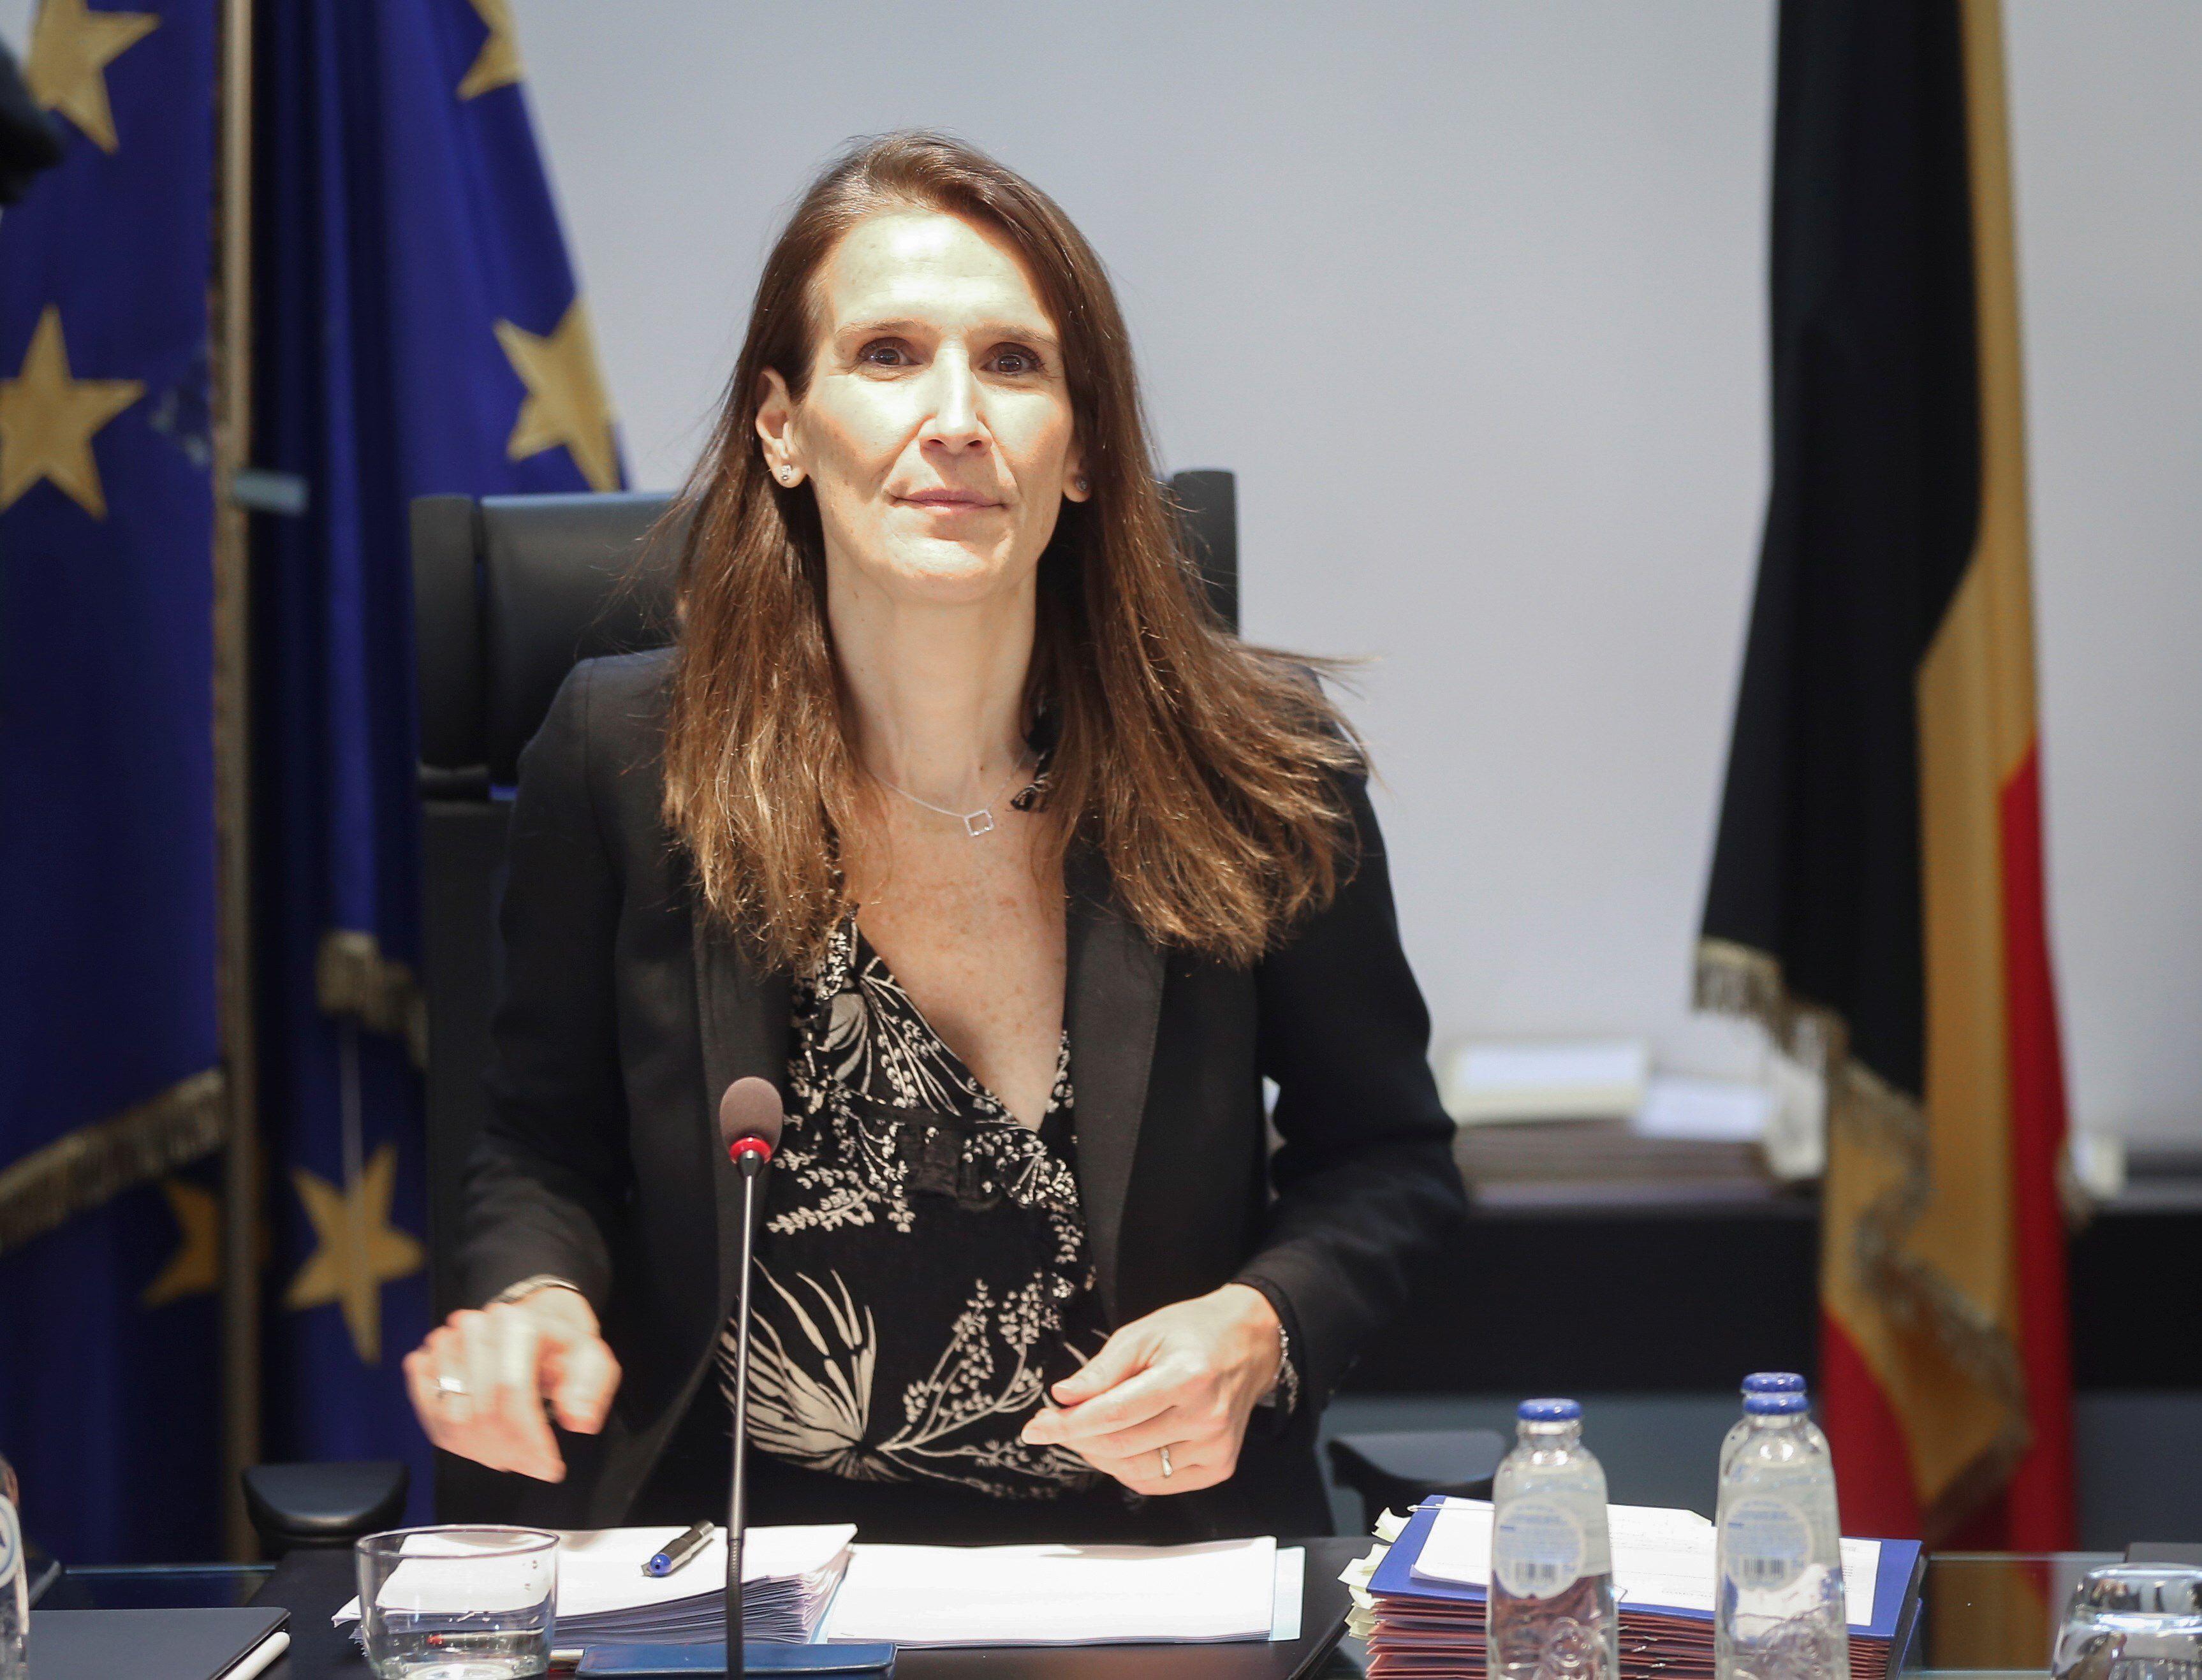 La primer ministro belga Sophie Wilmes. EFE/EPA/OLIVIER HOSLET/Archivo